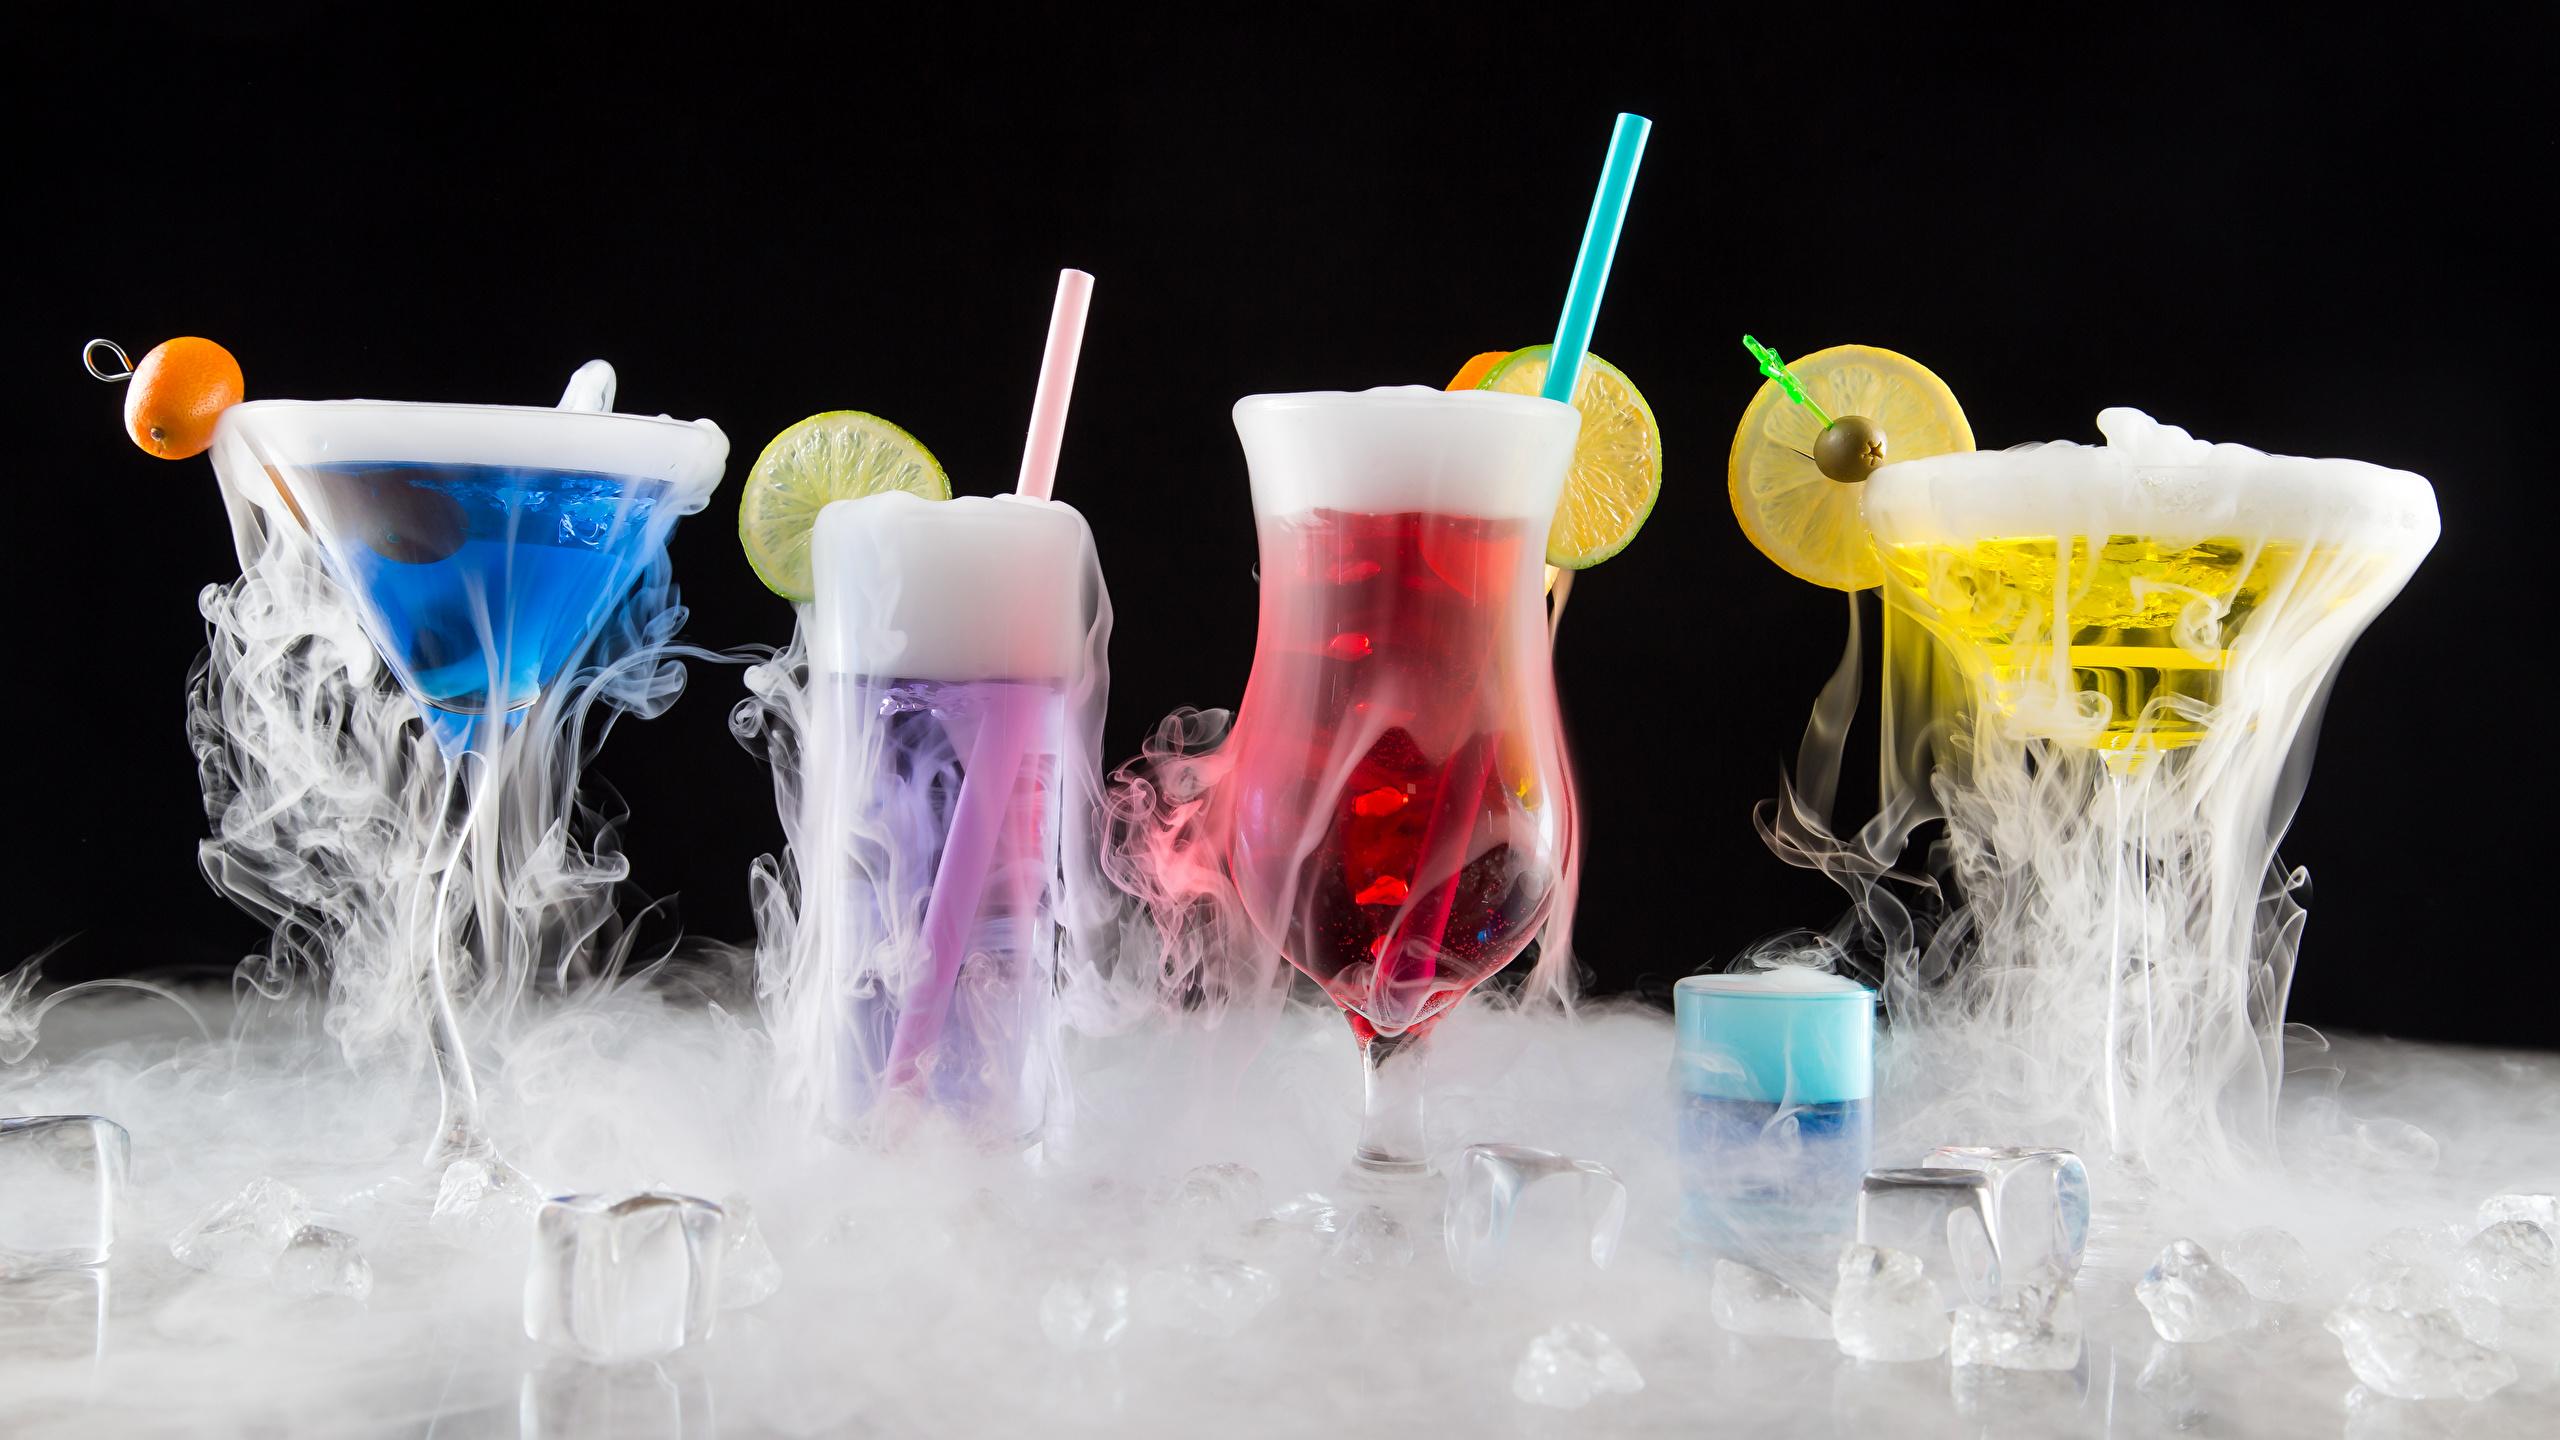 Фотография Алкогольные напитки Лед Еда пары бокал Коктейль Черный фон 2560x1440 льда Пар Пища паром Бокалы Продукты питания на черном фоне